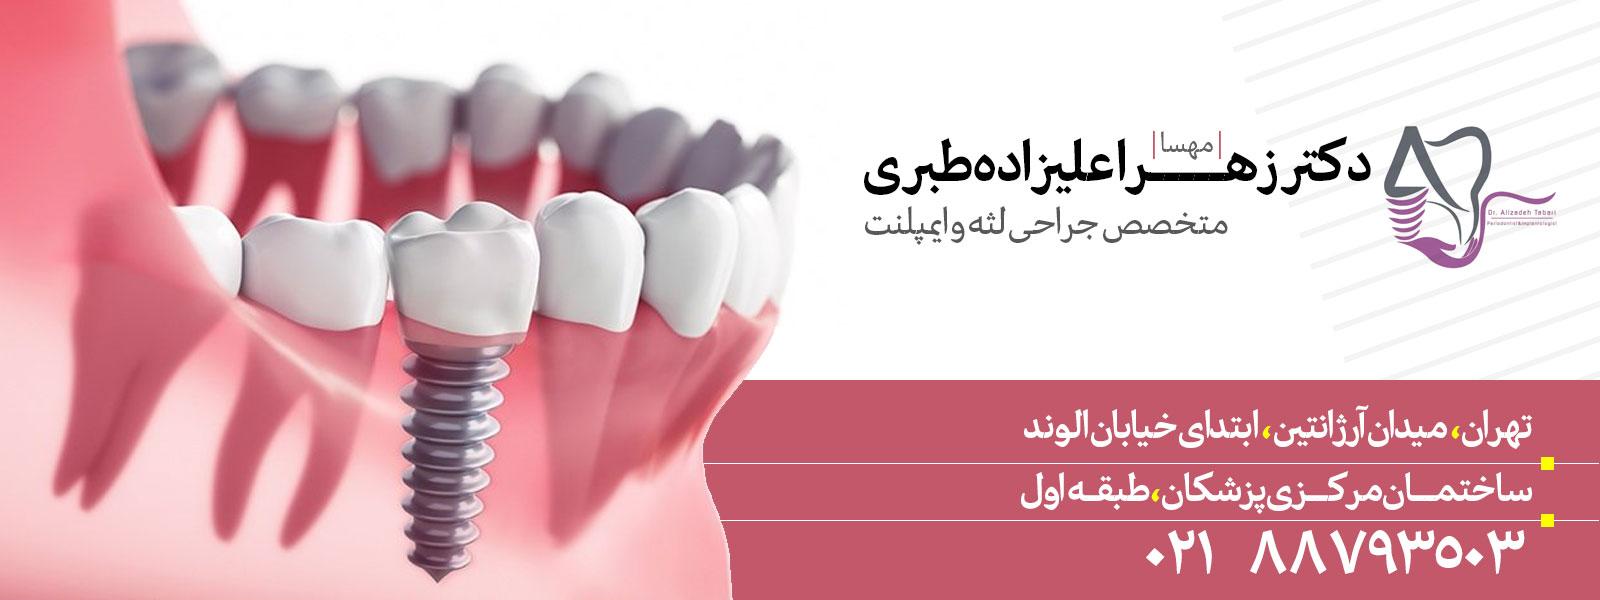 دکتر زهرا علیزاده